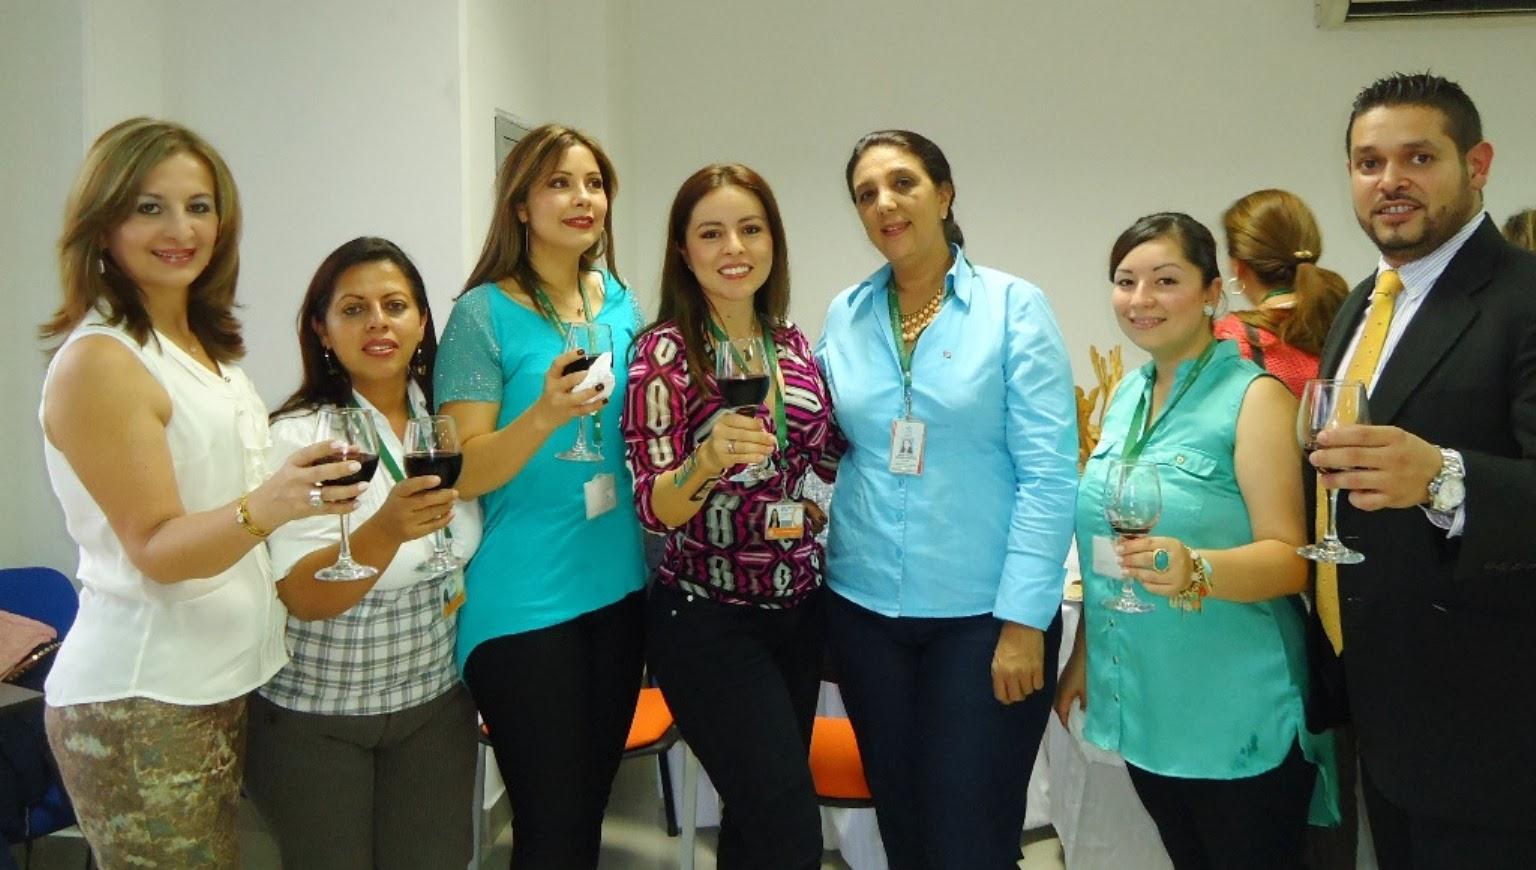 Notisena risaralda inaugurada la remodelada sede de la - Agencia de viajes diana garzon ...